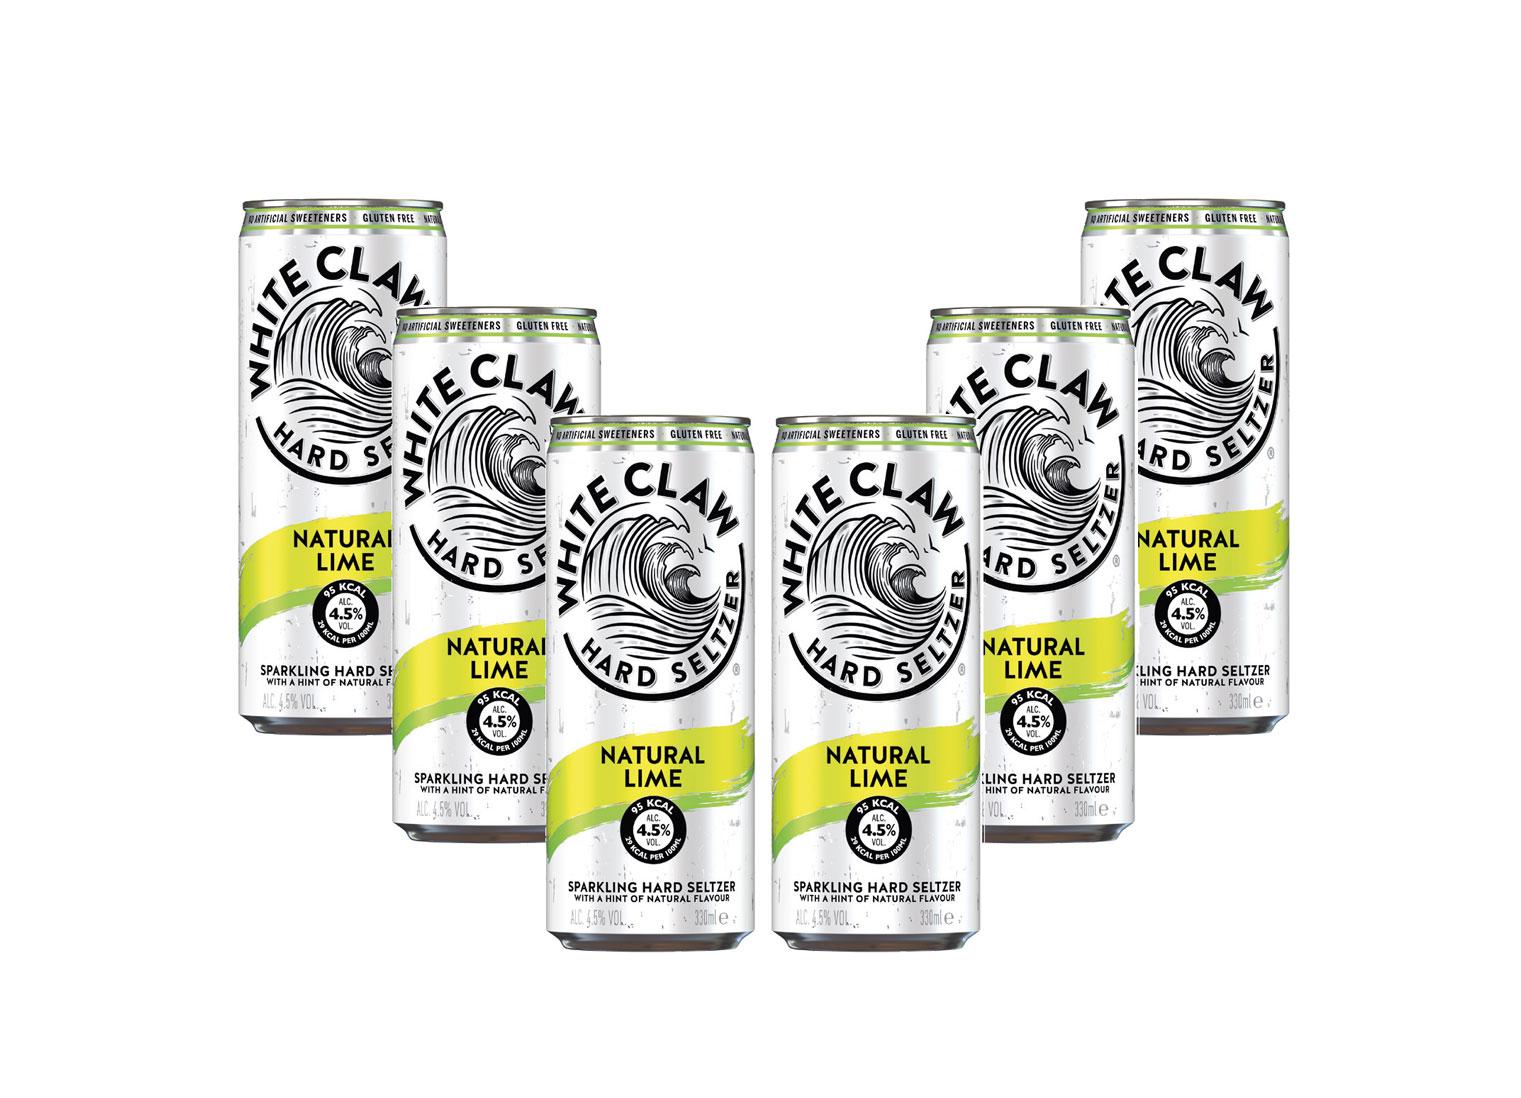 White Claw natural Lime 6er Set je 330ml (4,5% Vol) ready to drink / Longdrink sparkling hard seltzer - [Enthält Sulfite]